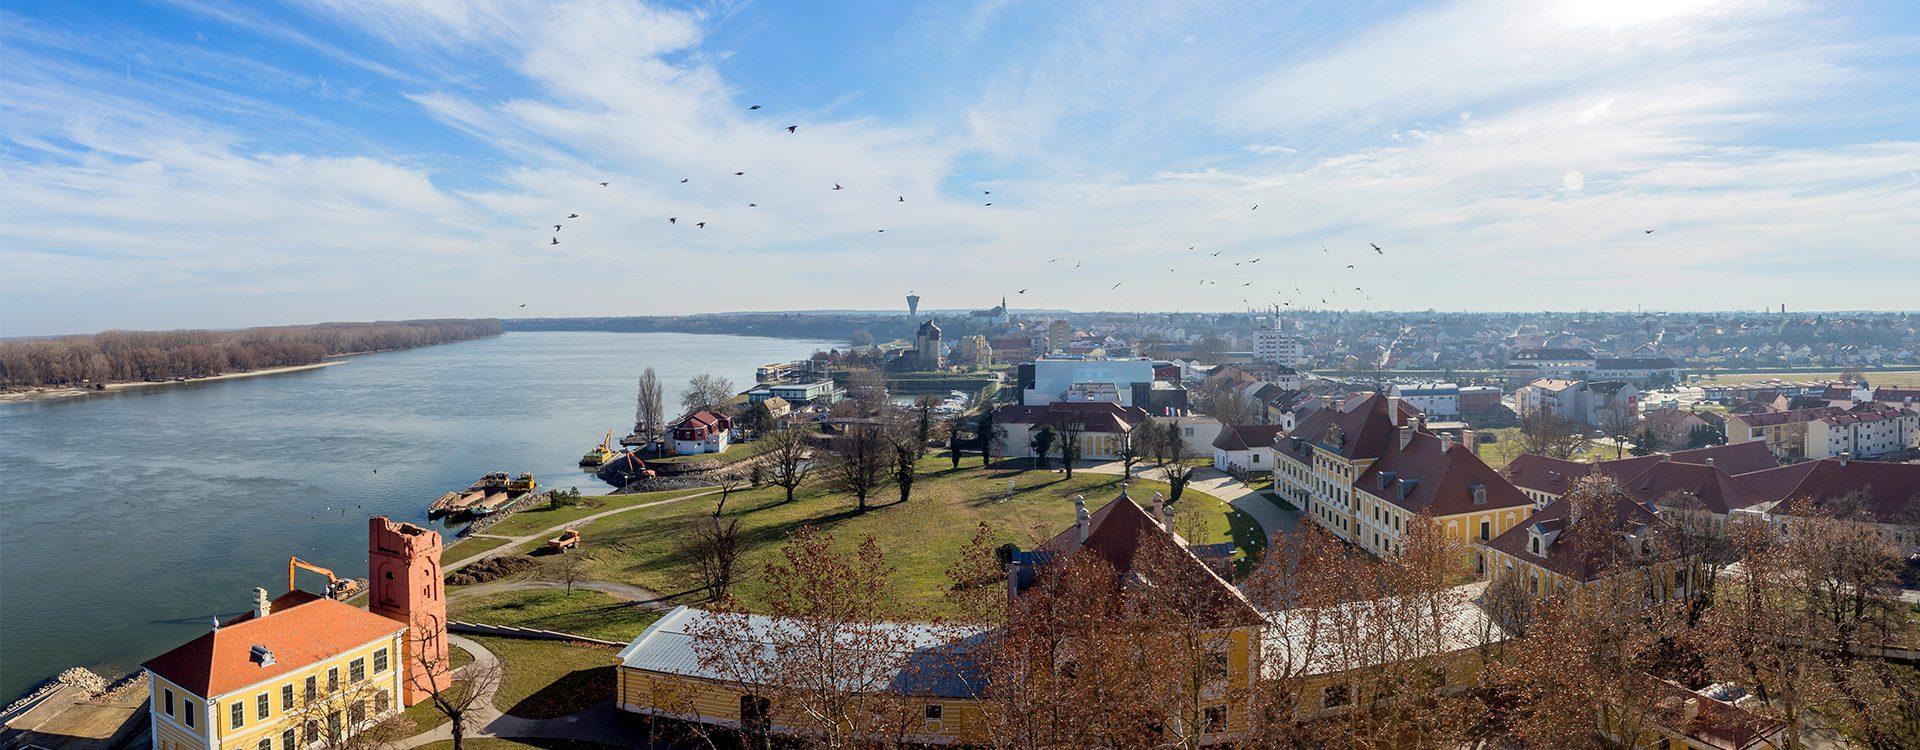 vukovar-regija-7S